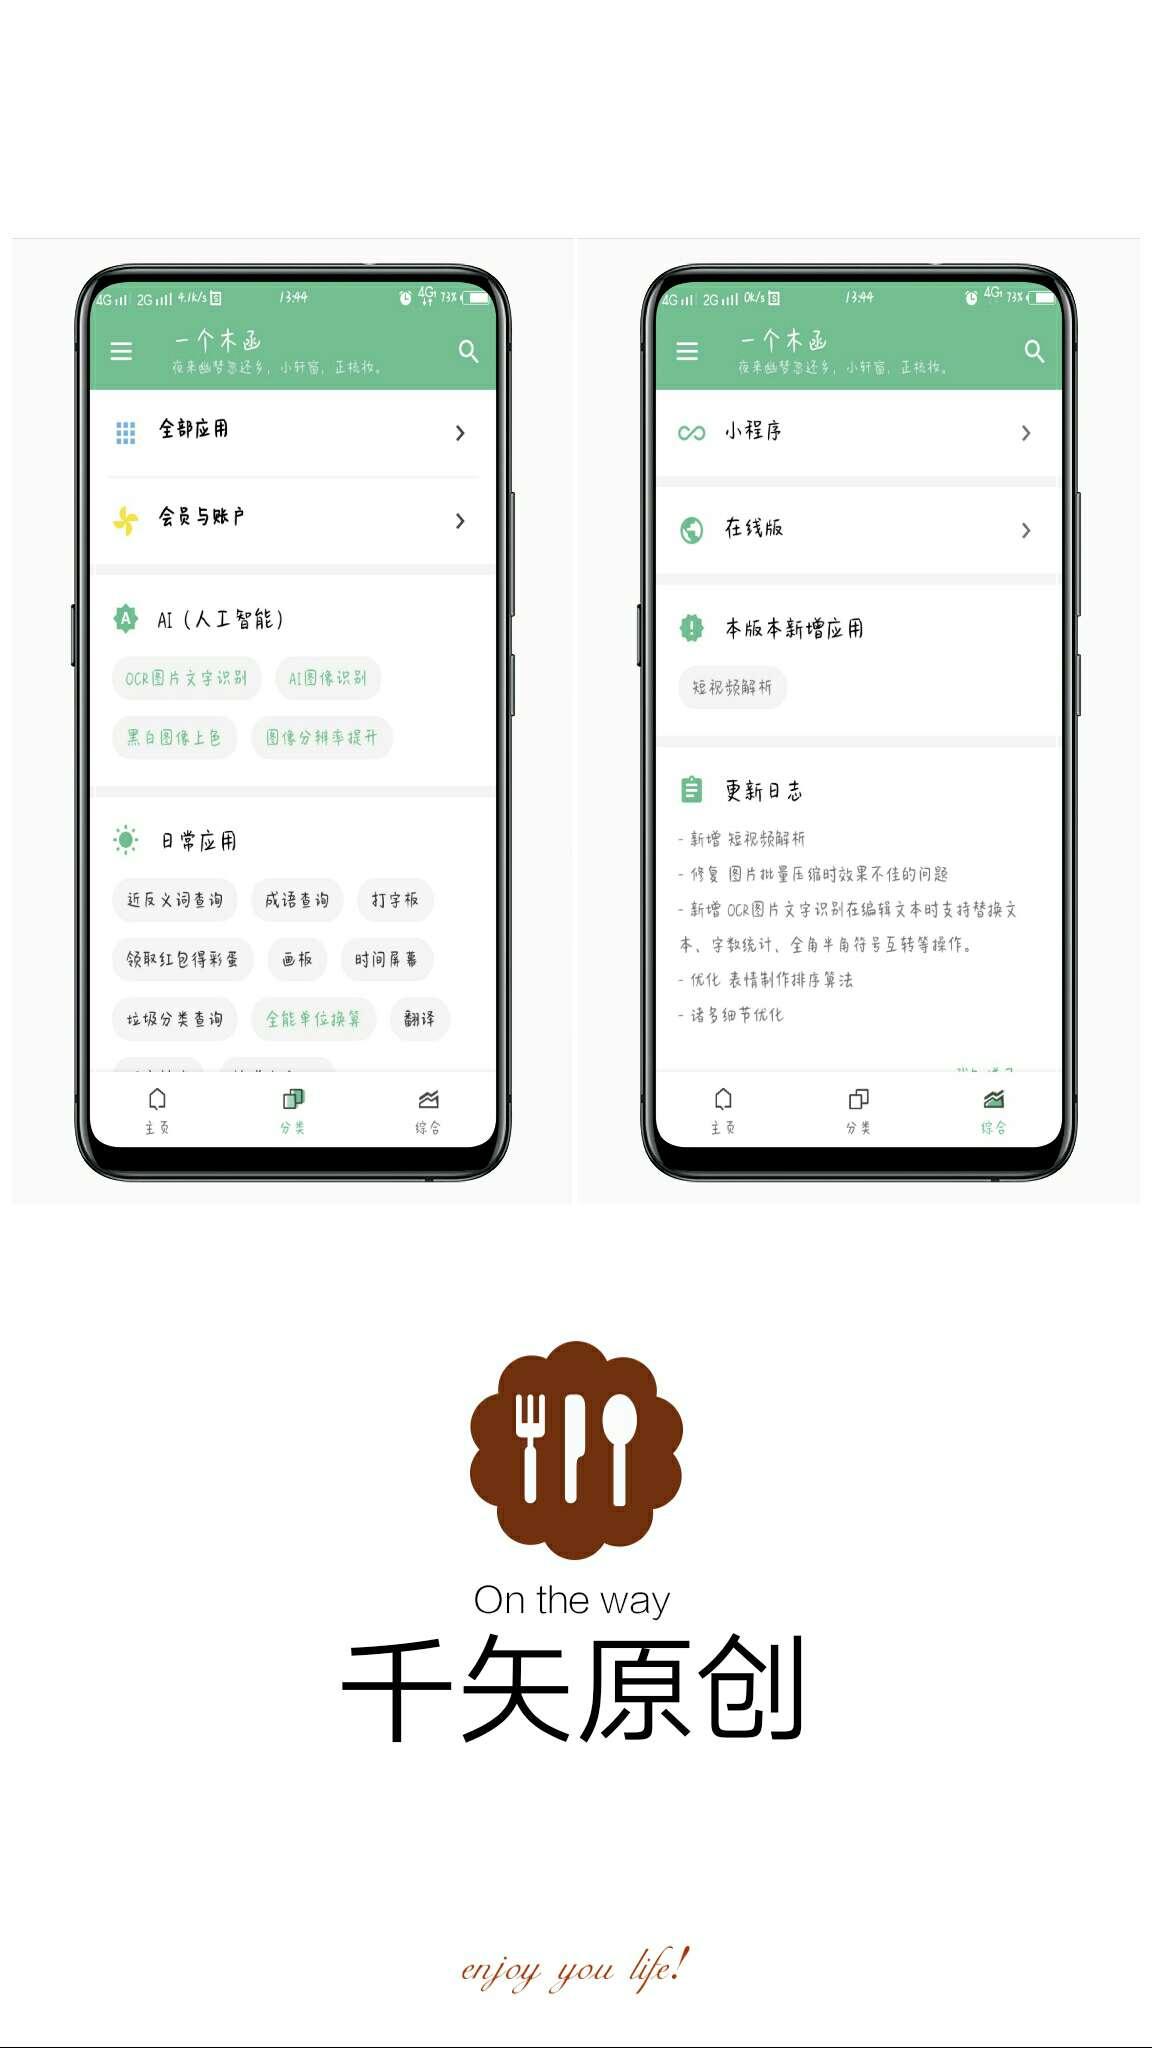 线报-「爱分享」一只木函7.7.4 可与前面那个工具箱结合着用-惠小助(52huixz.com)